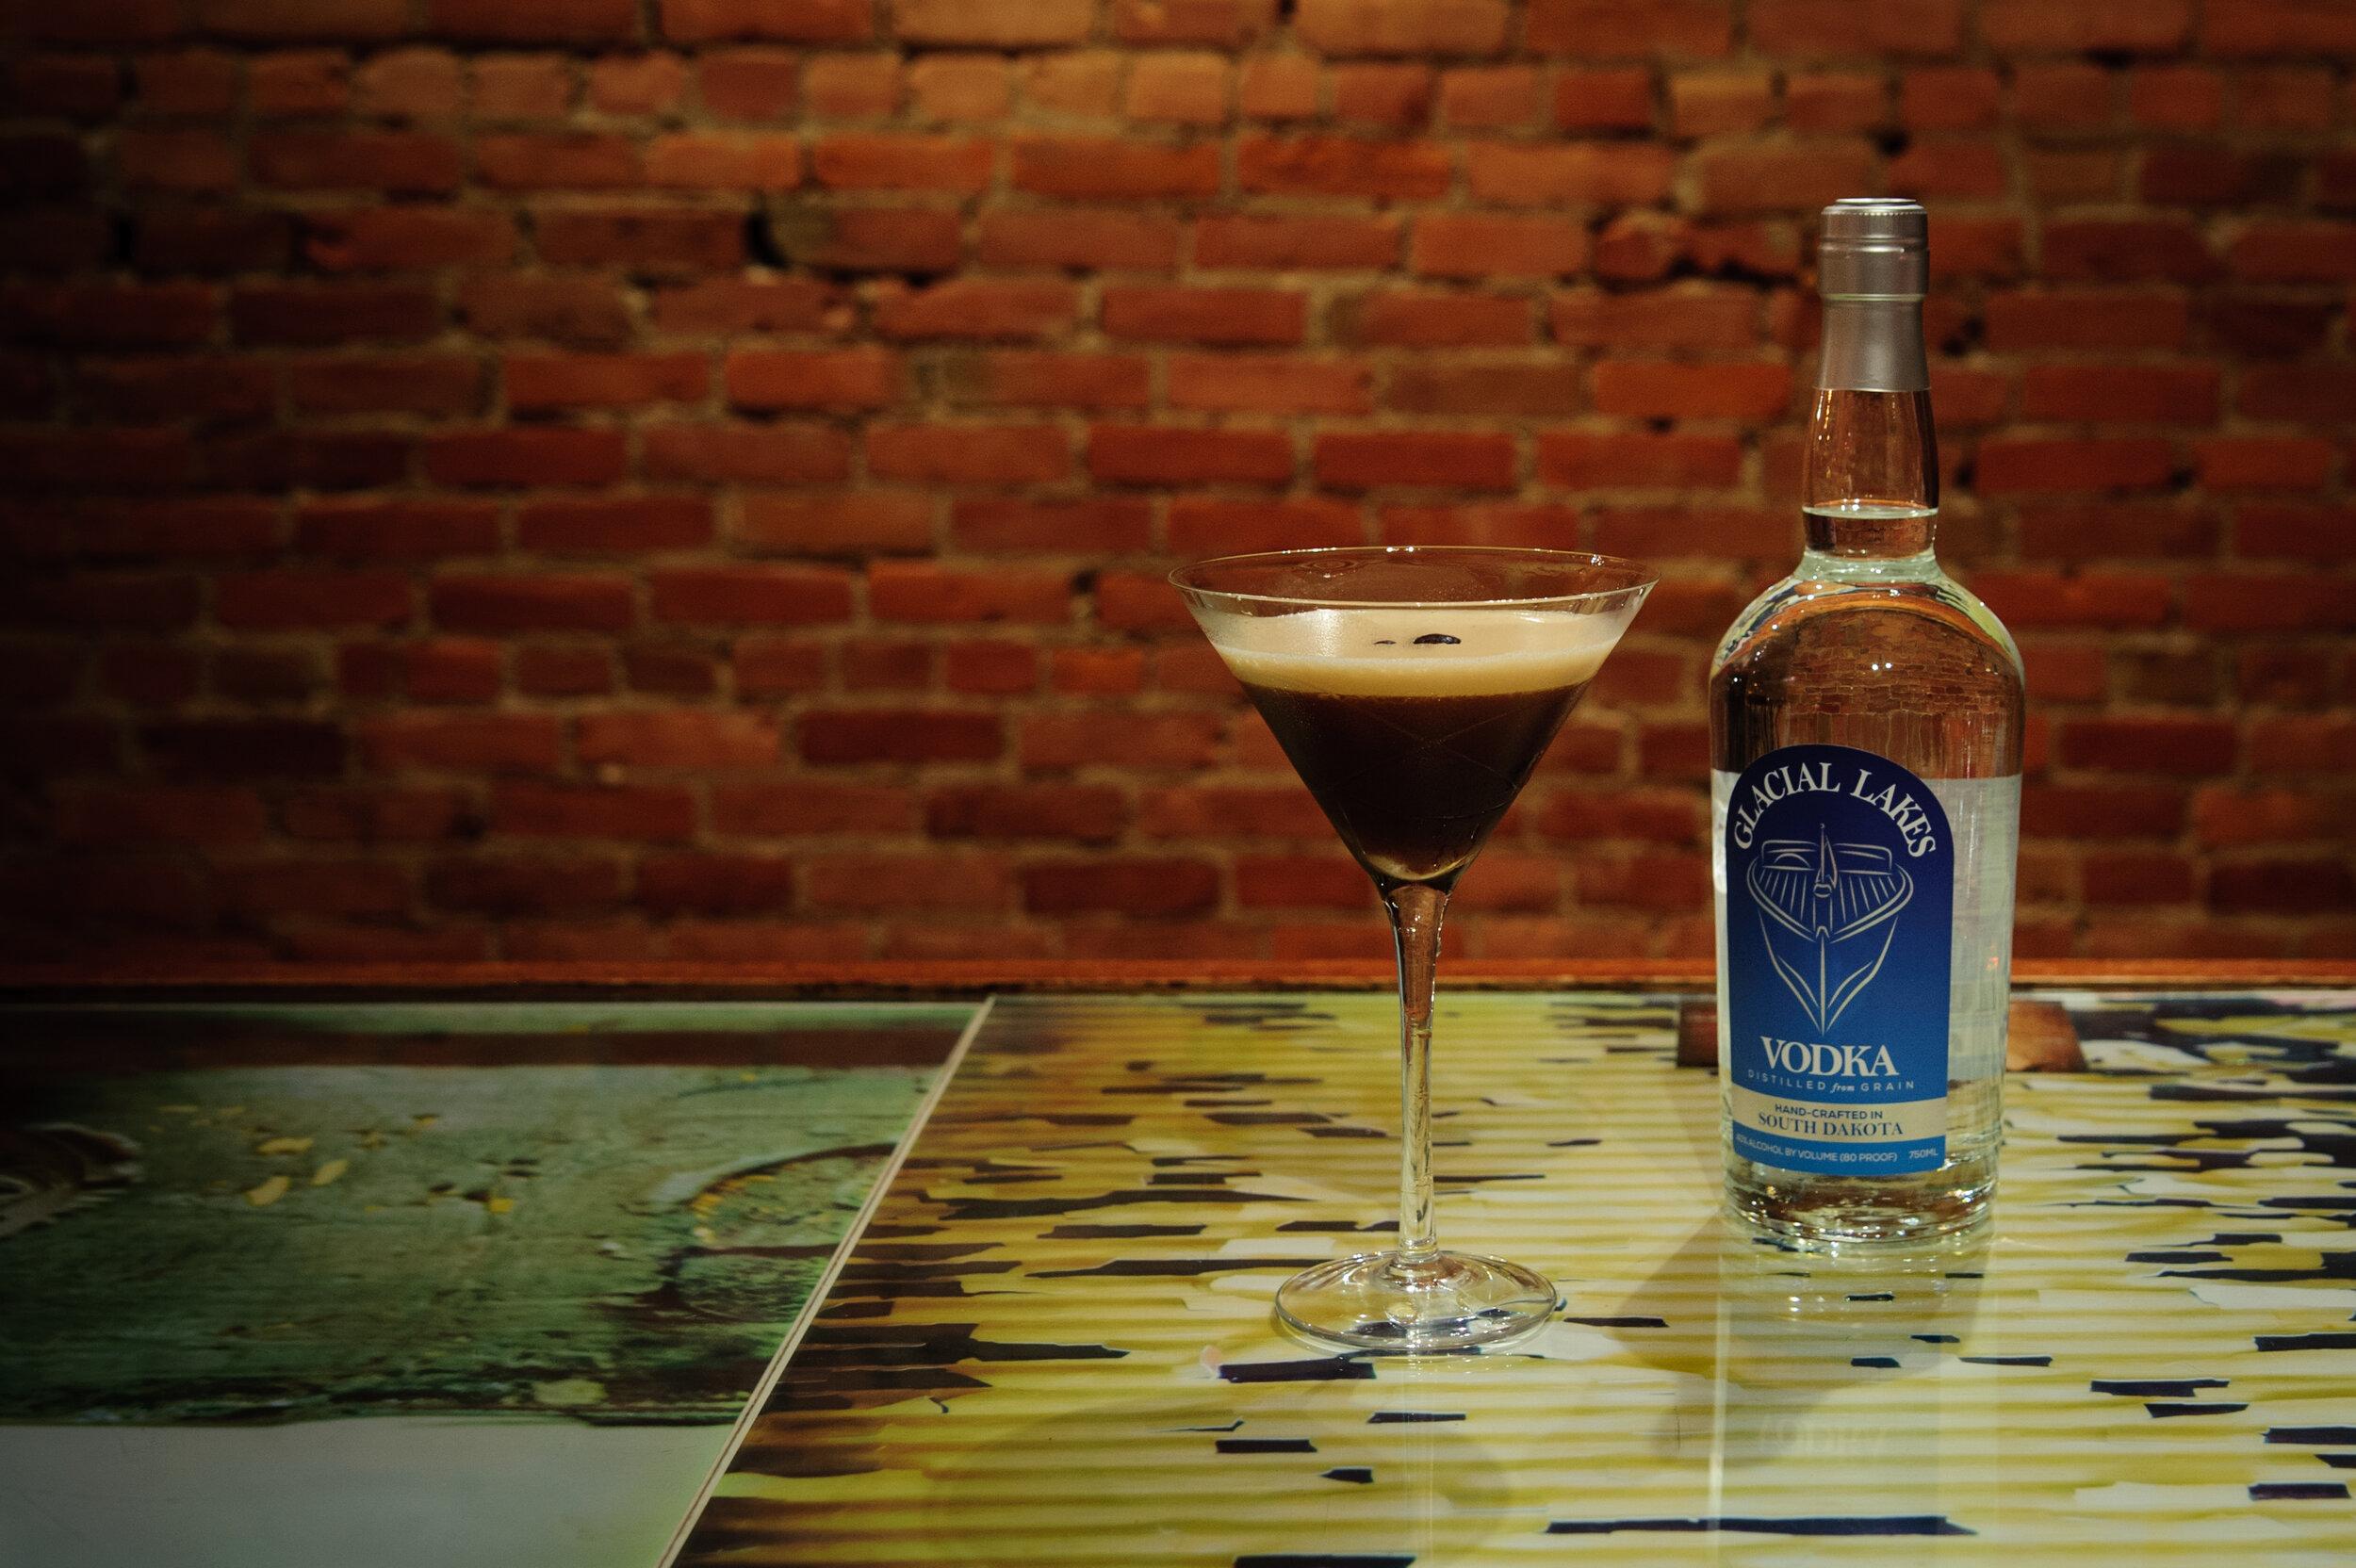 Espresso martini - 1.5 oz Glacial Lakes Vodka1/2 oz Wooden Boat Rum1 oz of espresso3 drops chocolate bitters3 drops vanilla1/4 oz simple syrupShake vigorouslyServe in a chilled martini glassfloat 3 coffee beans garnish